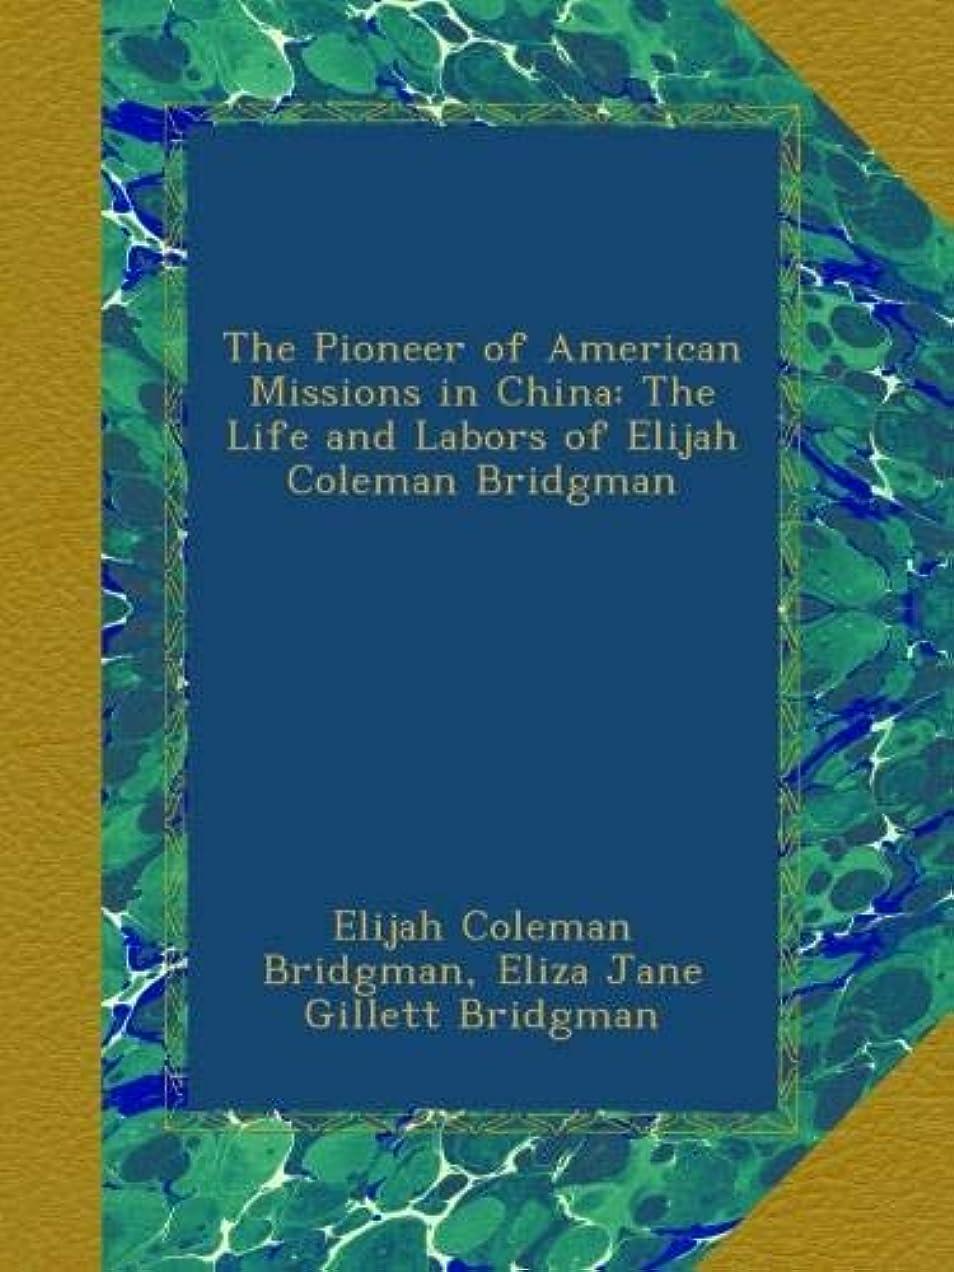 ラッチスピリチュアル宇宙飛行士The Pioneer of American Missions in China: The Life and Labors of Elijah Coleman Bridgman